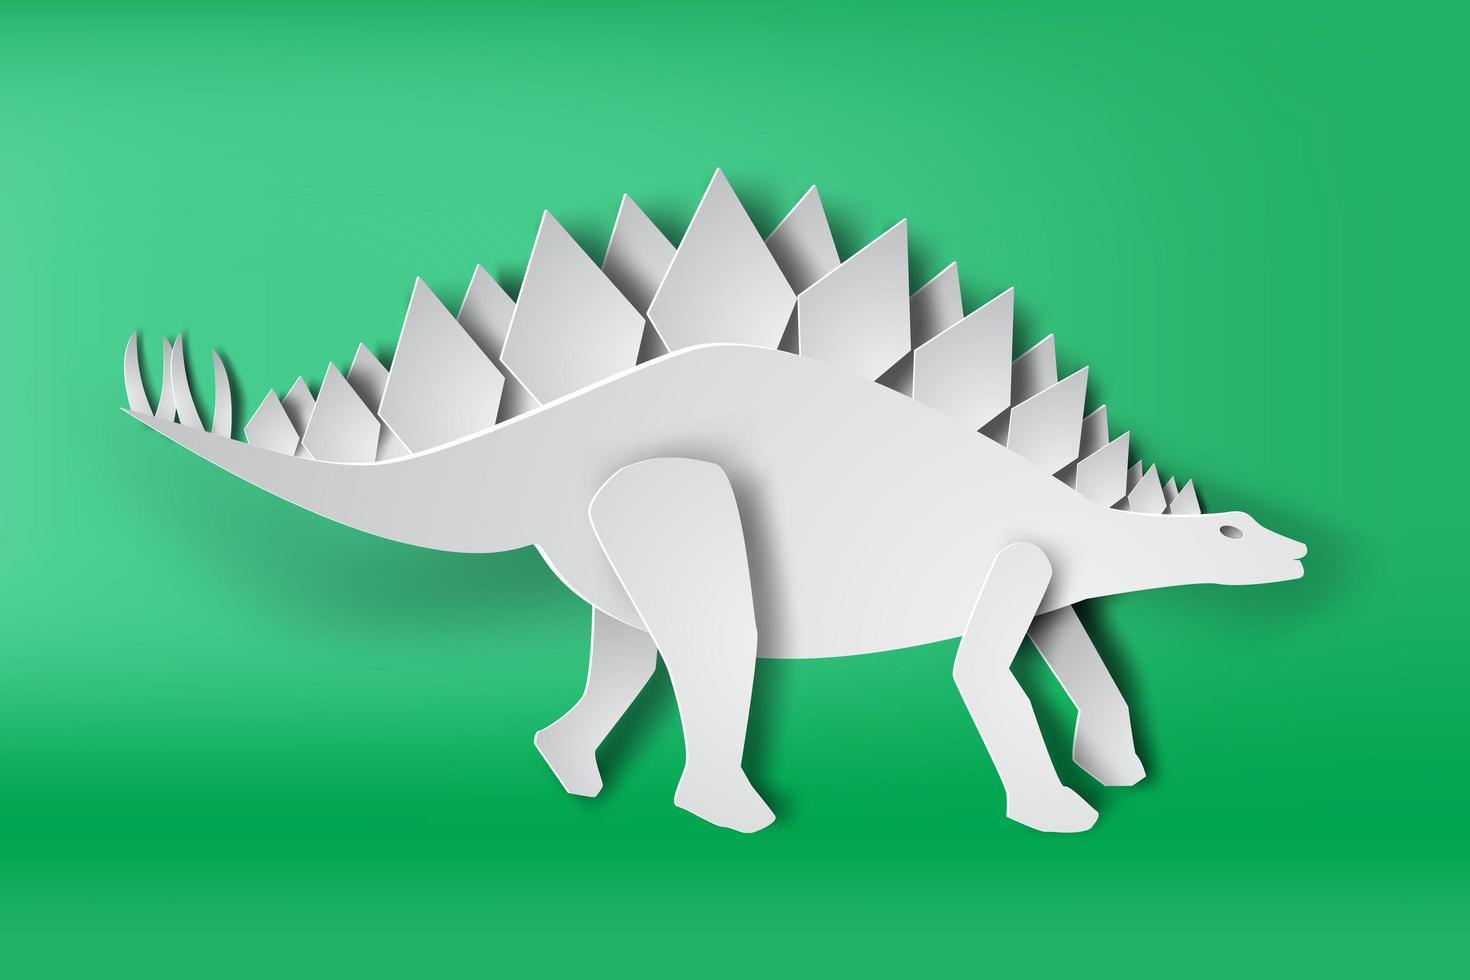 papier art stégosaure dinosaure vecteur